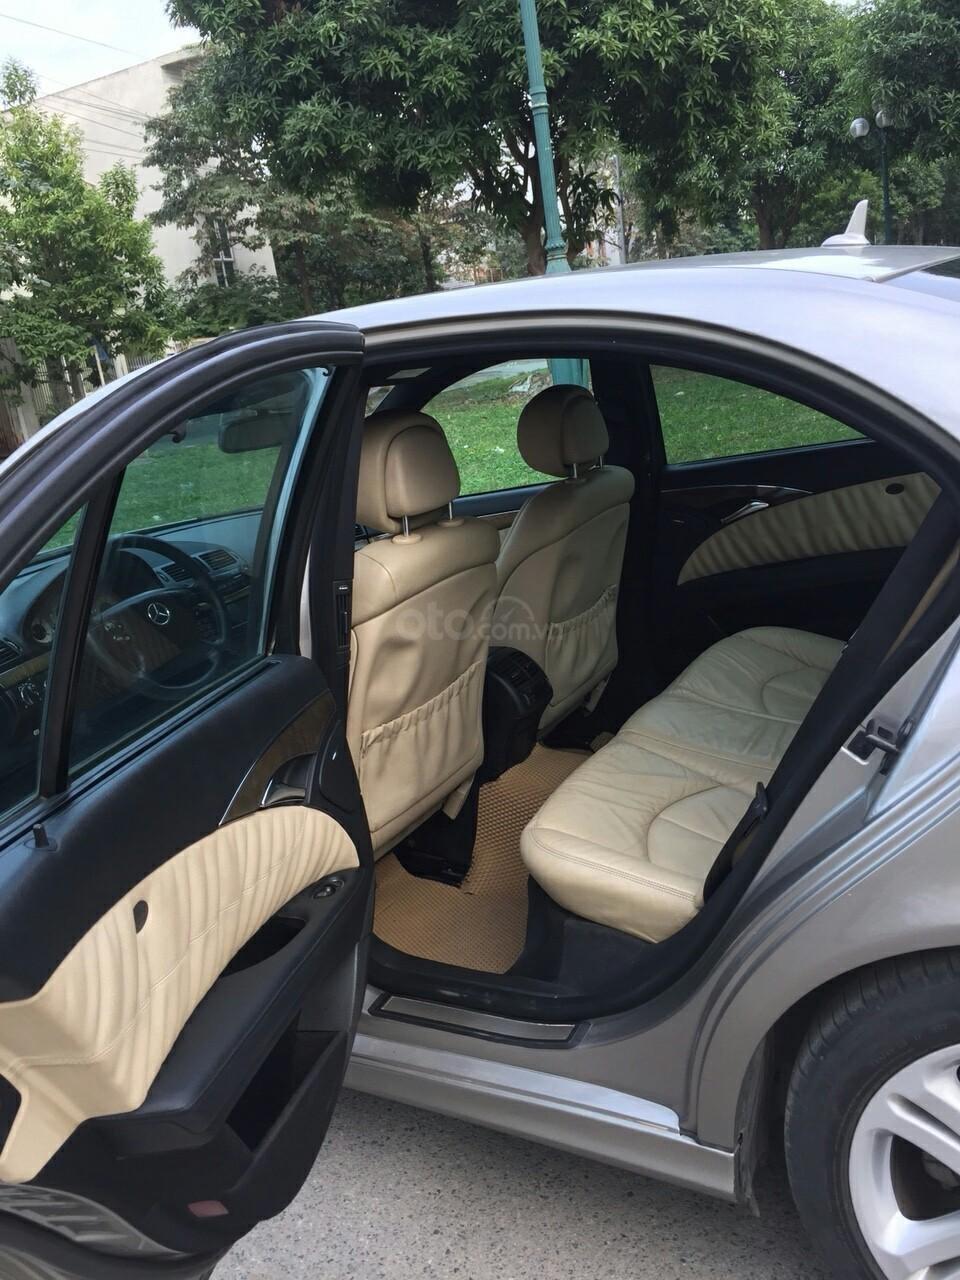 Bán Mercedes C200 sản xuất 2007 giá cực tốt (5)